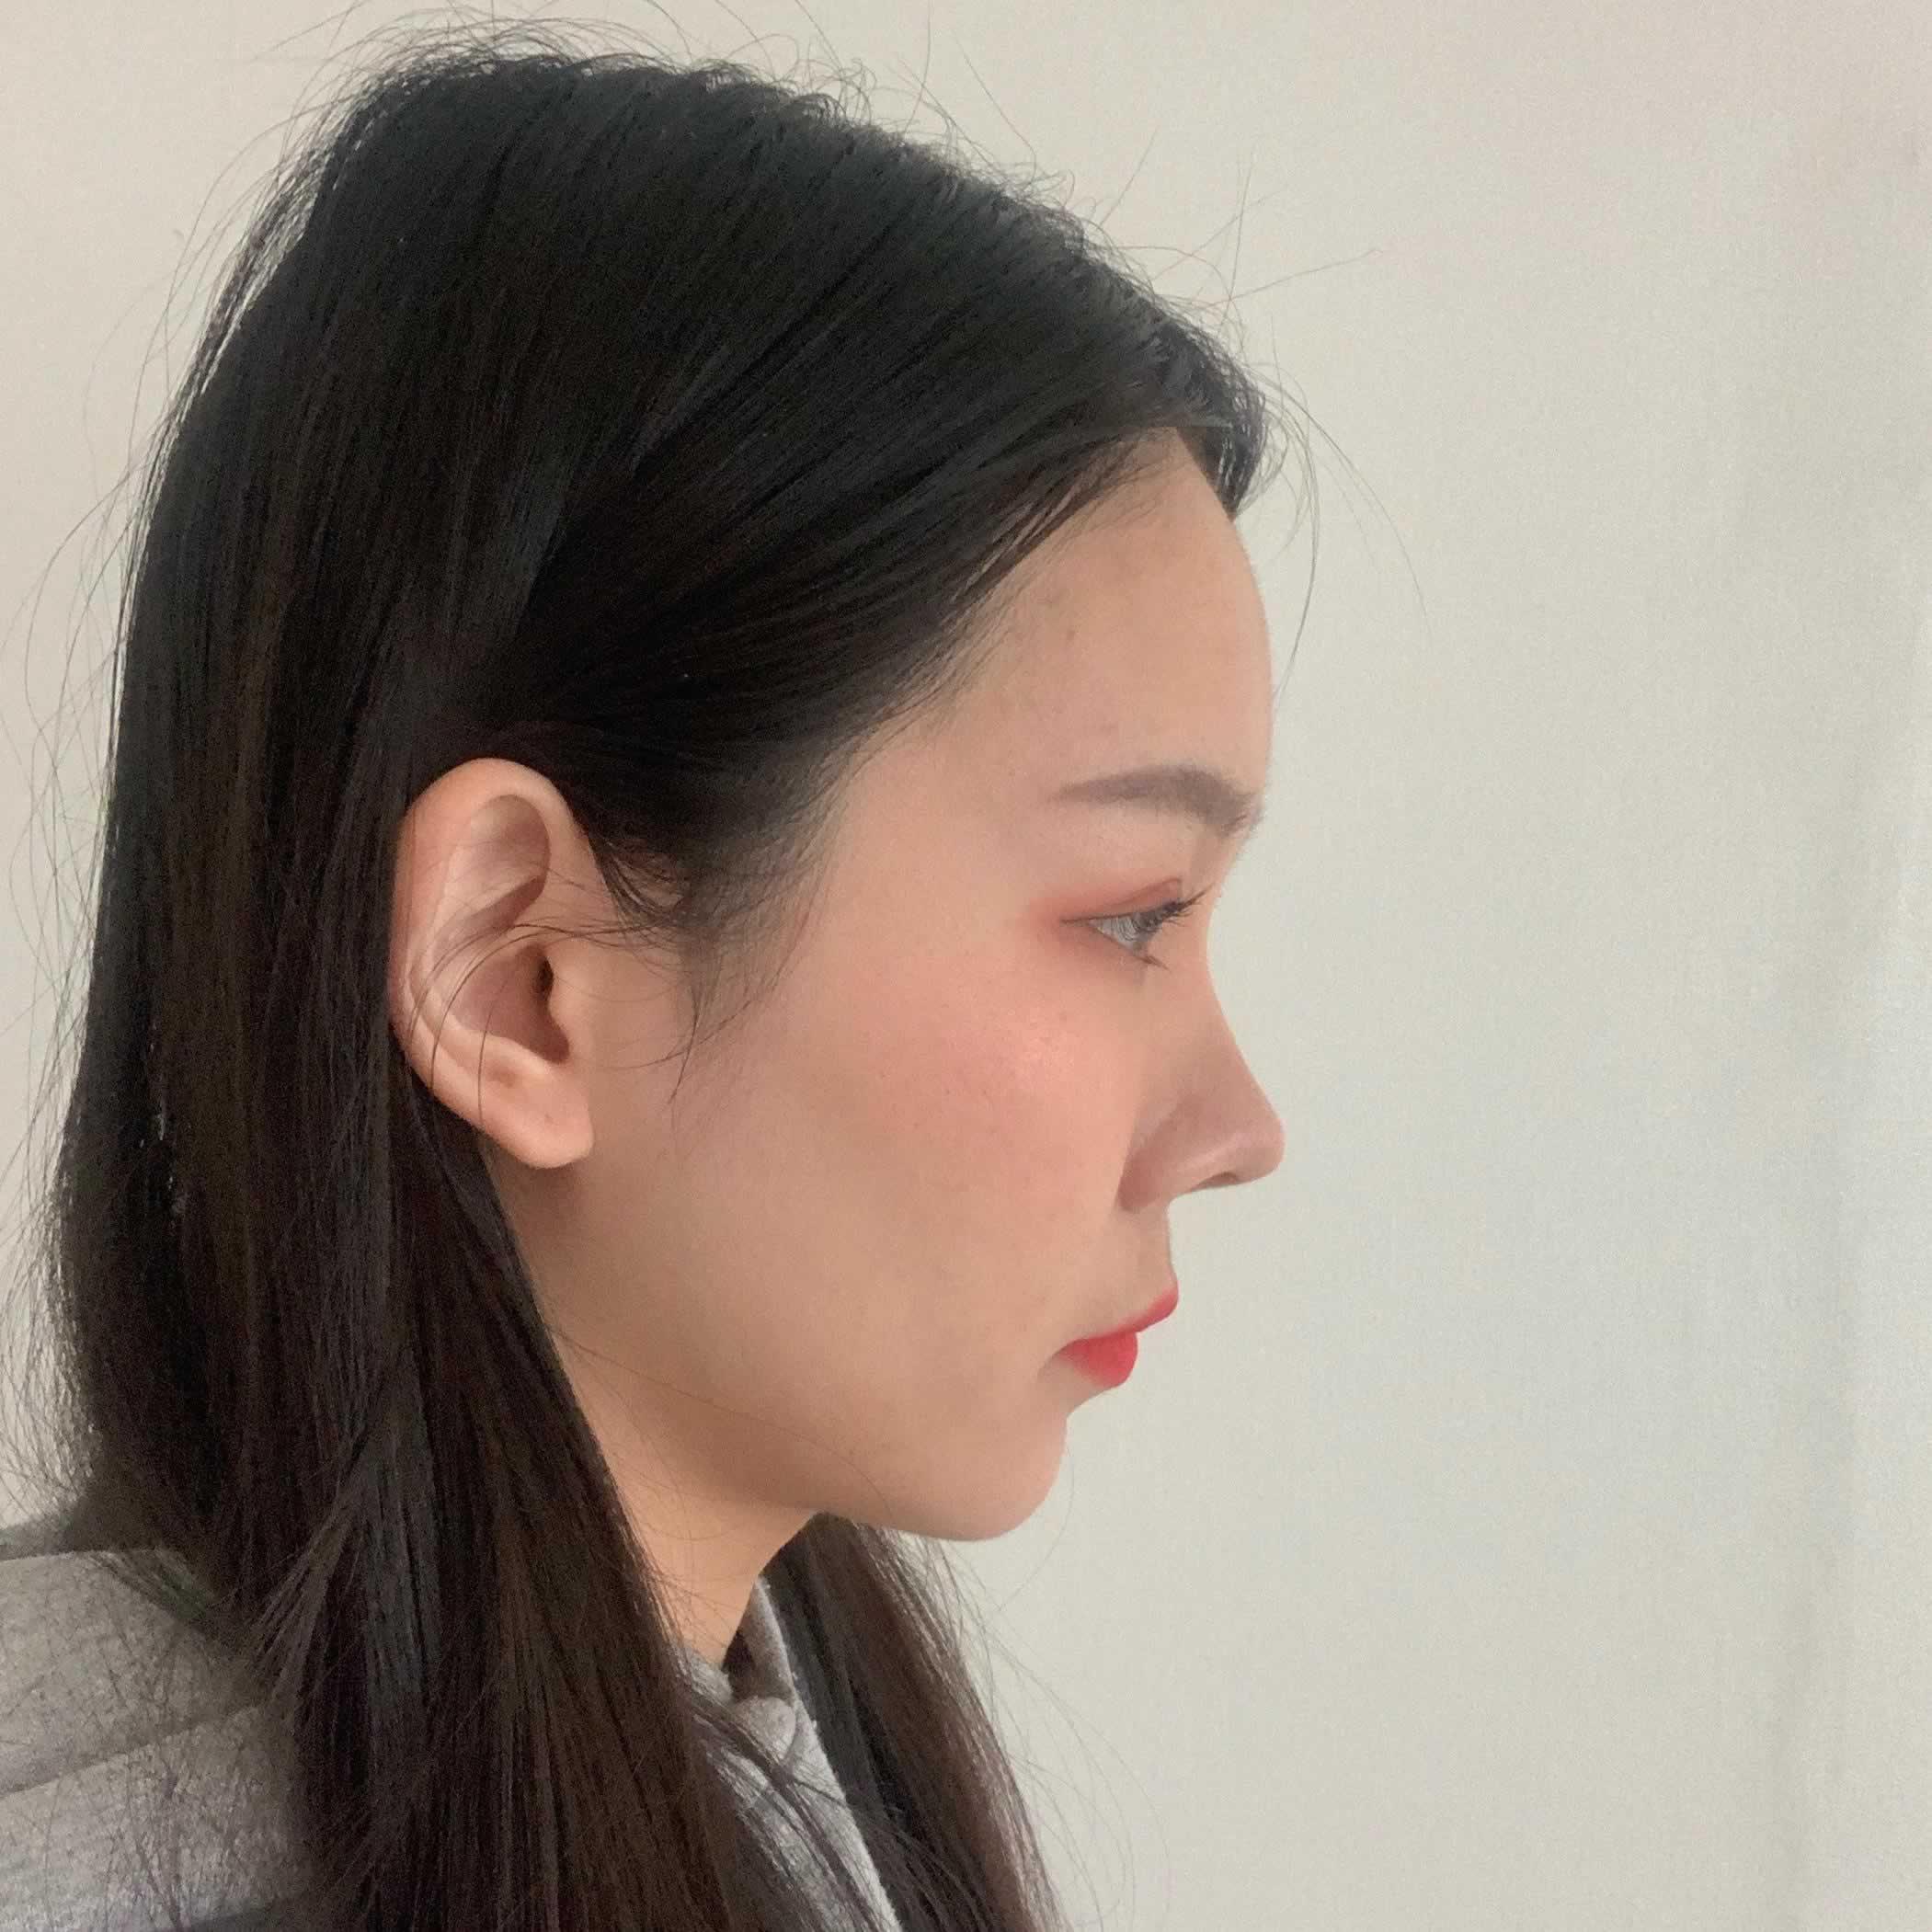 韩国做的玻尿酸去法令纹给我带来了多大的变化,来看看我的经历就知道了。